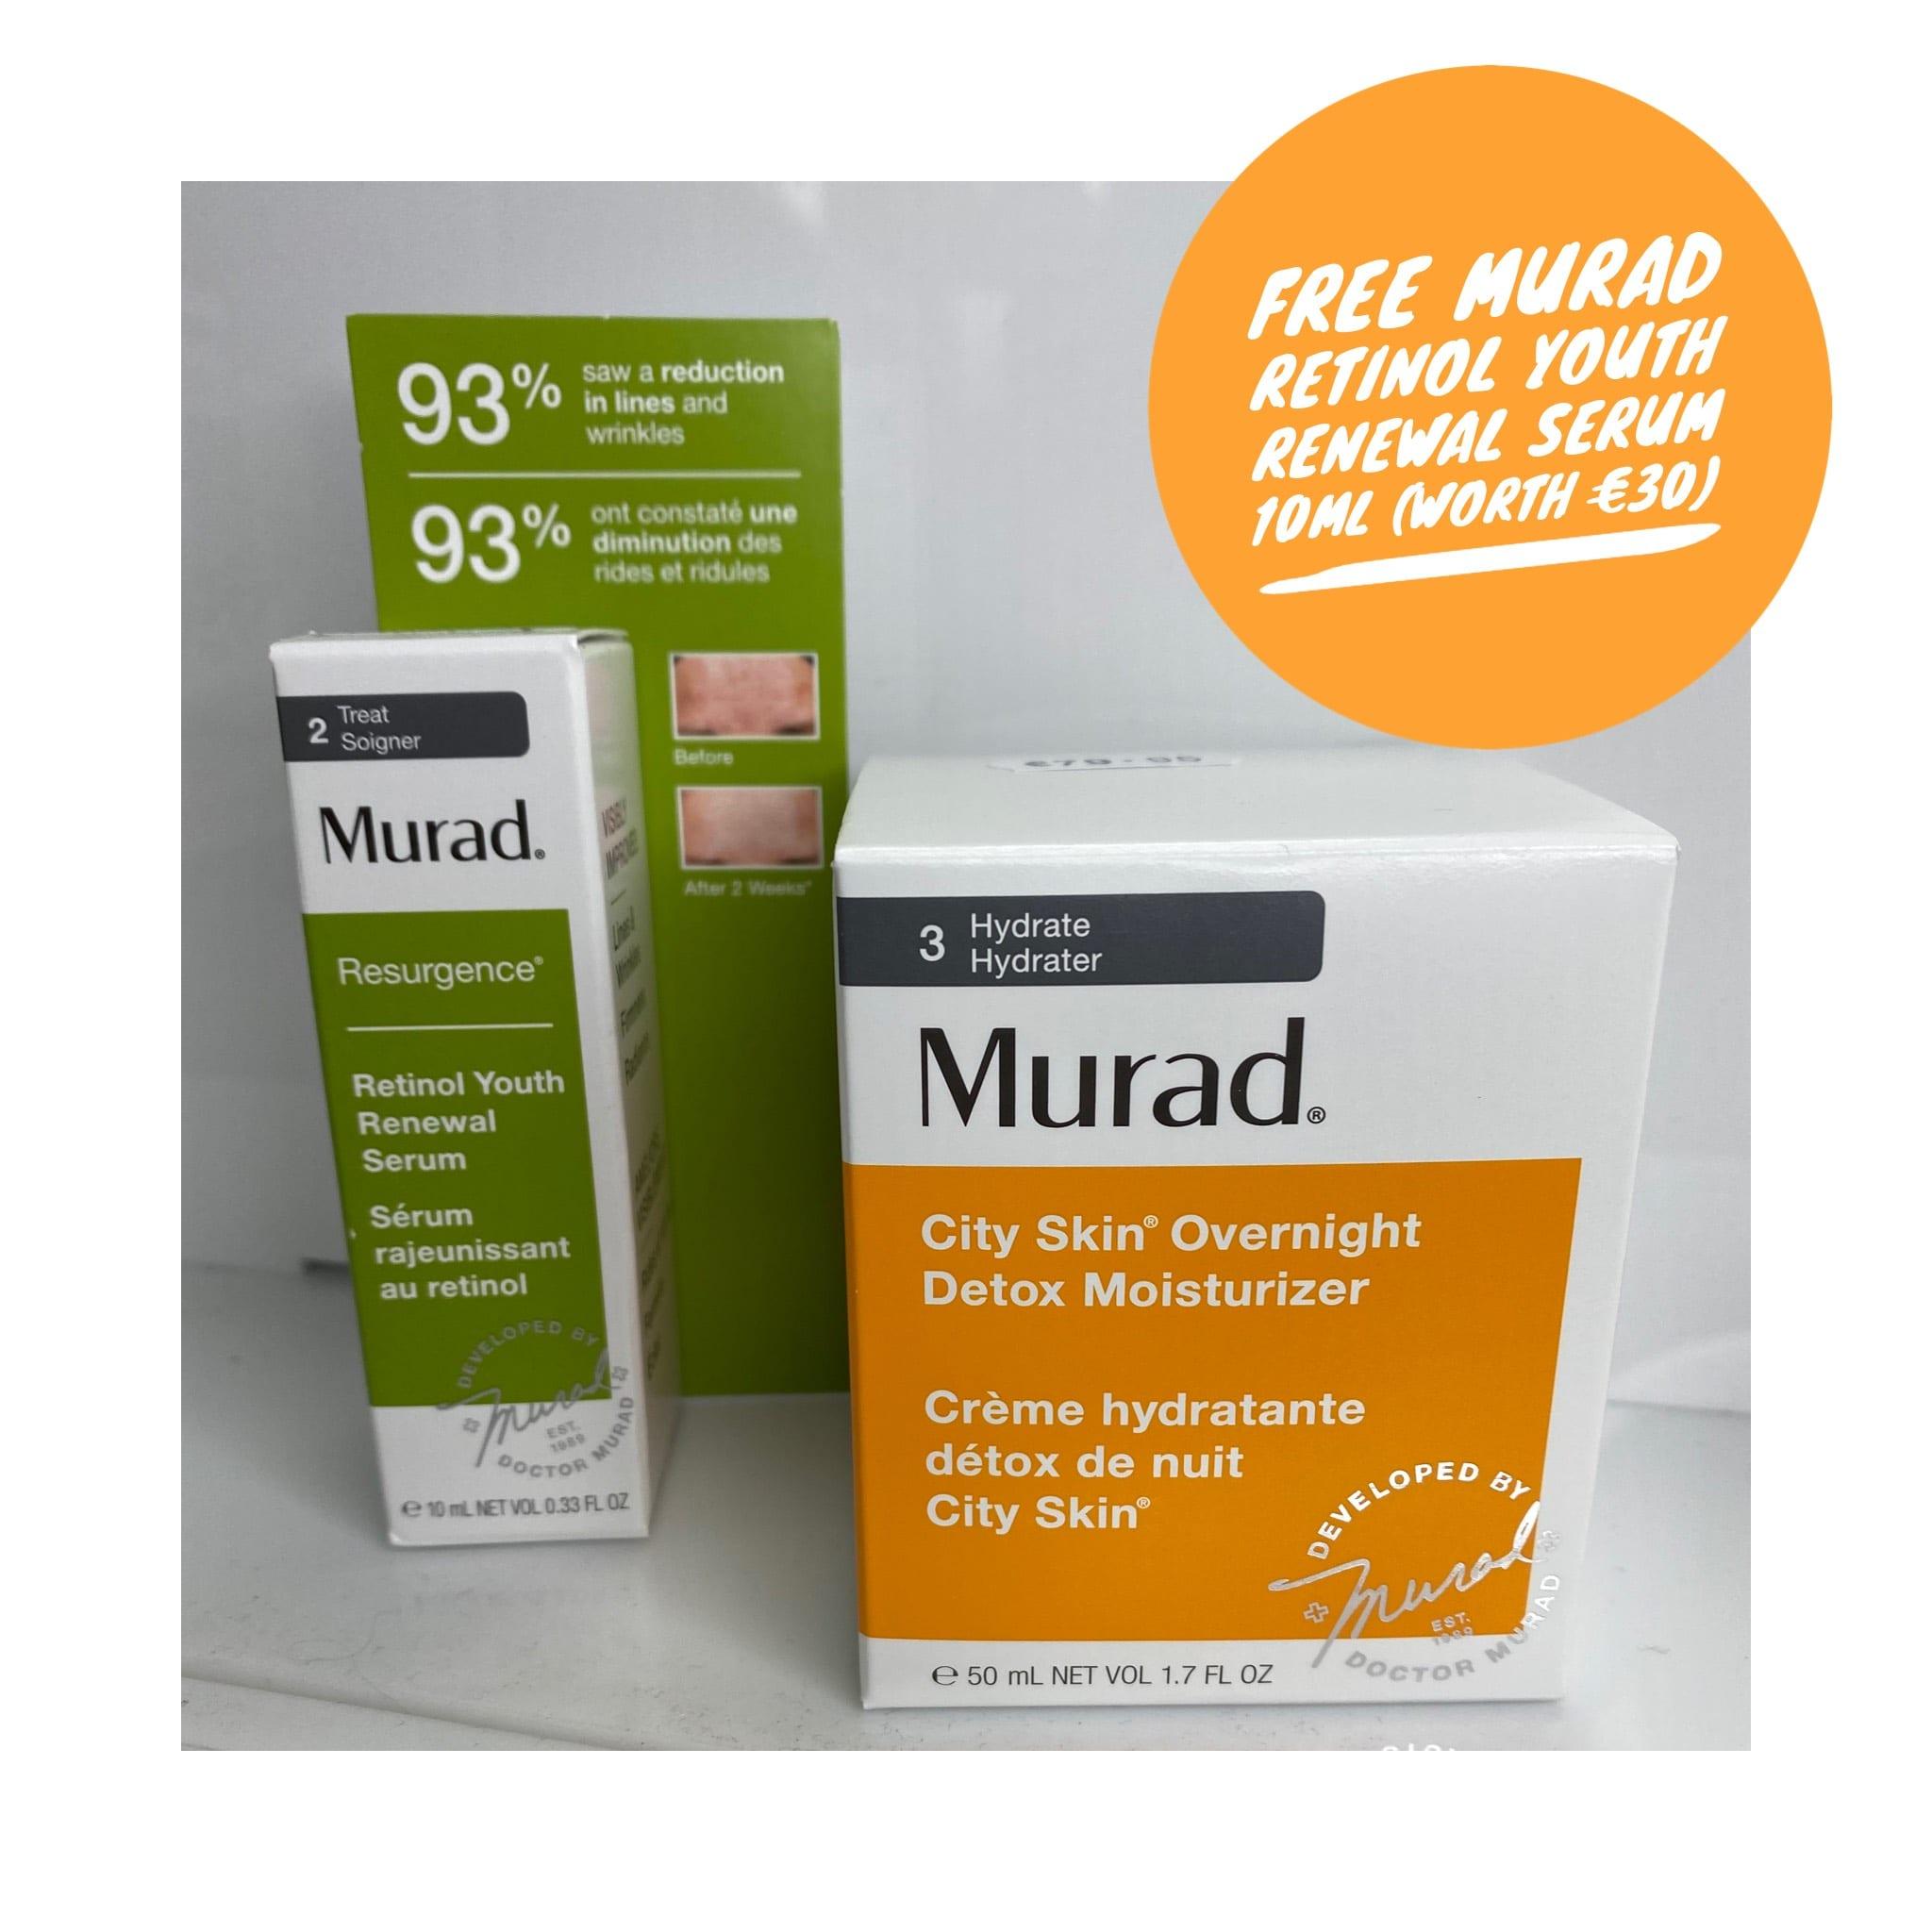 City Skin Overnight Detox Moisturiser (Free Murad Retinol Serum)